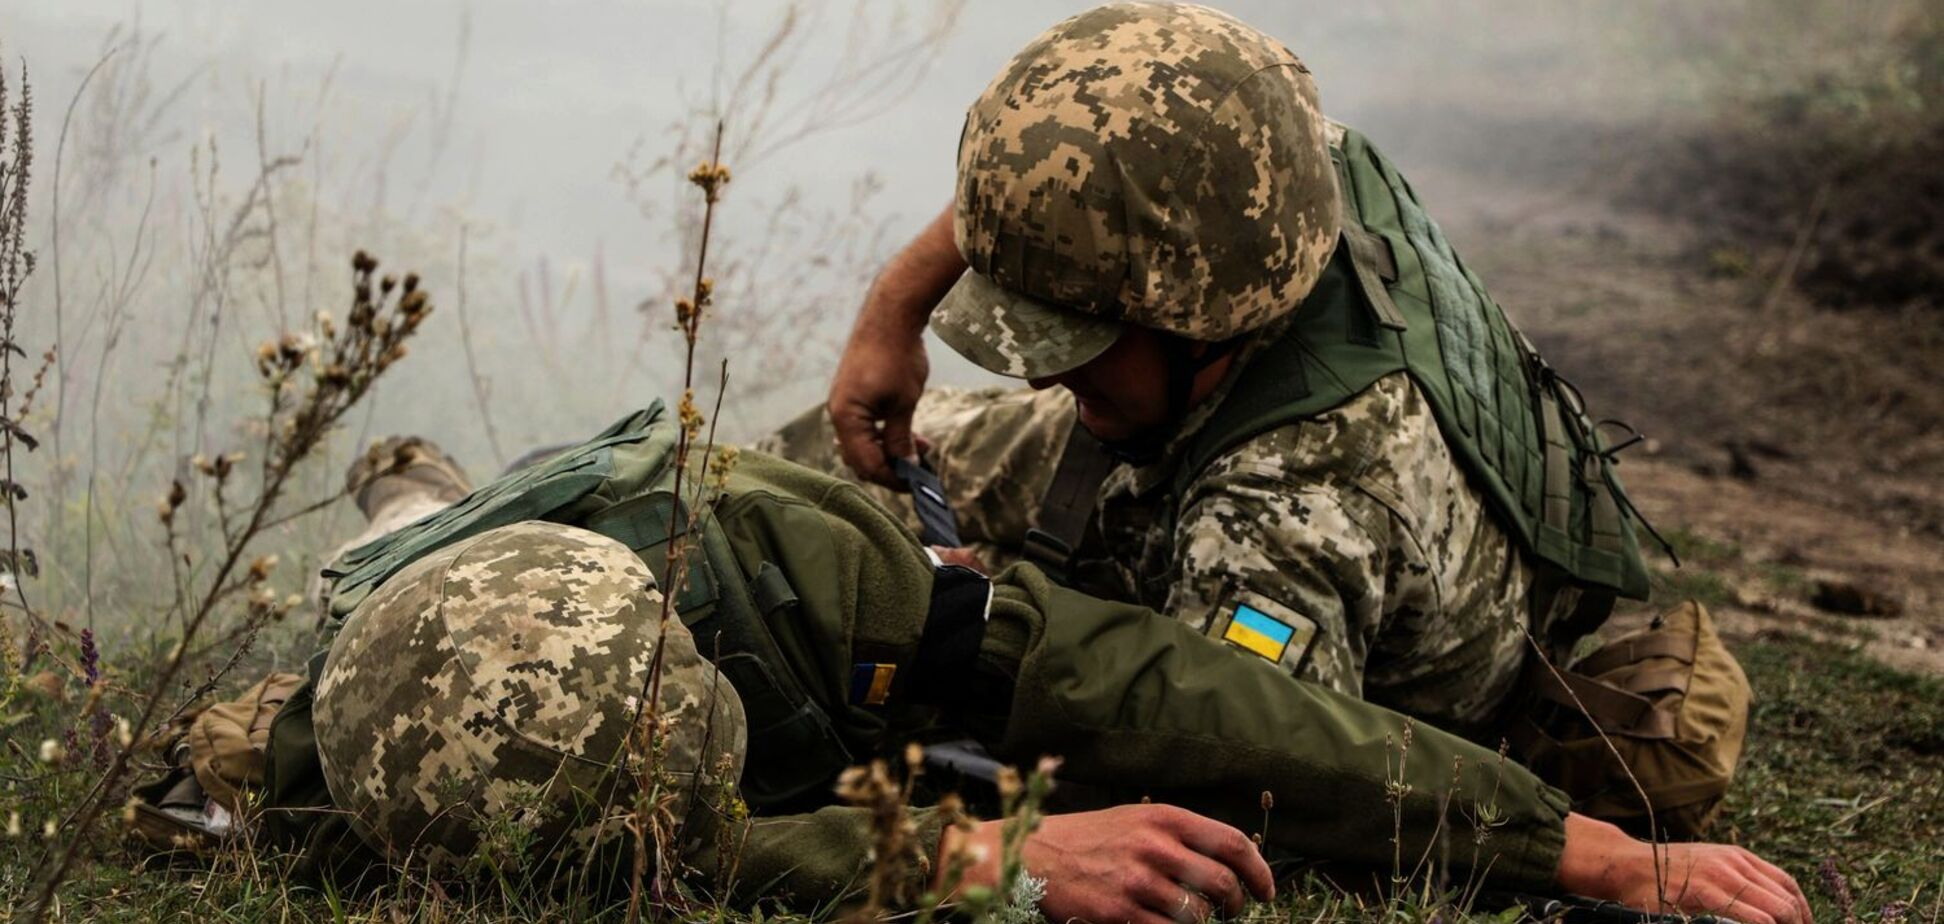 Увидел войну в 14: в Днепре спасают молодого бойца ВСУ с тяжелым ранением